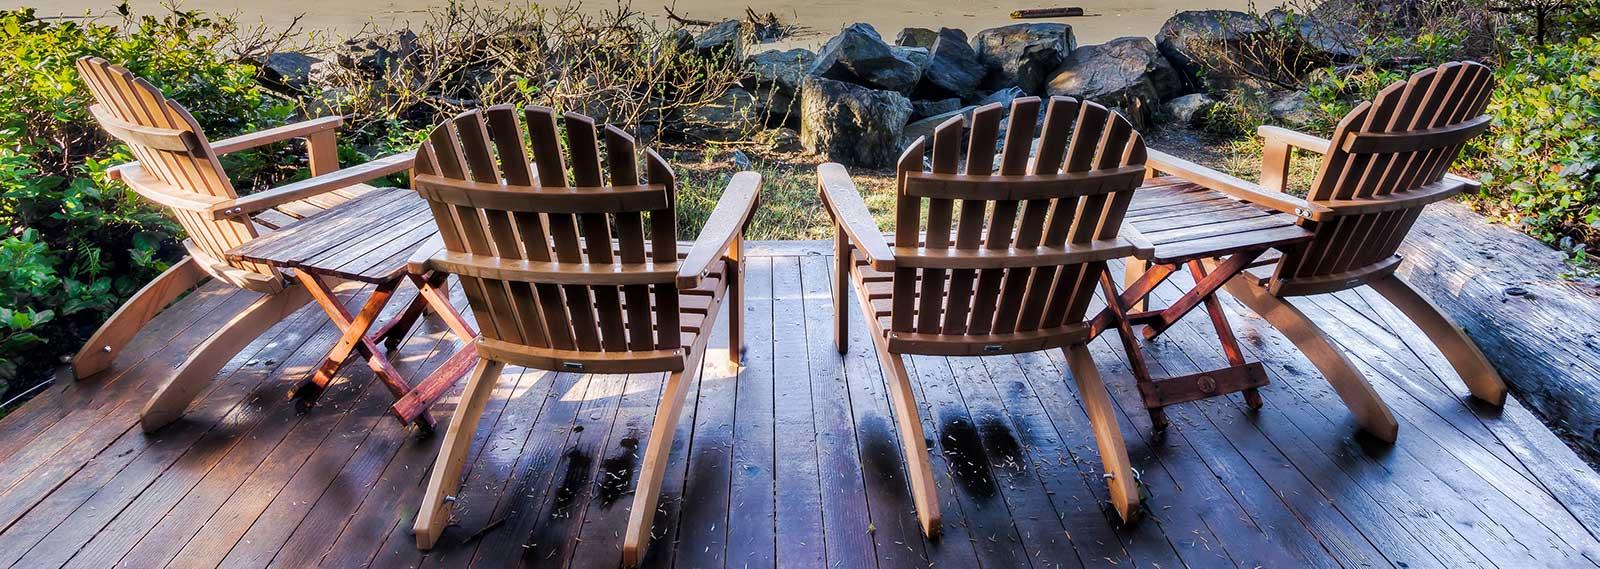 Make Money Woodworking - Adirondack Chairs